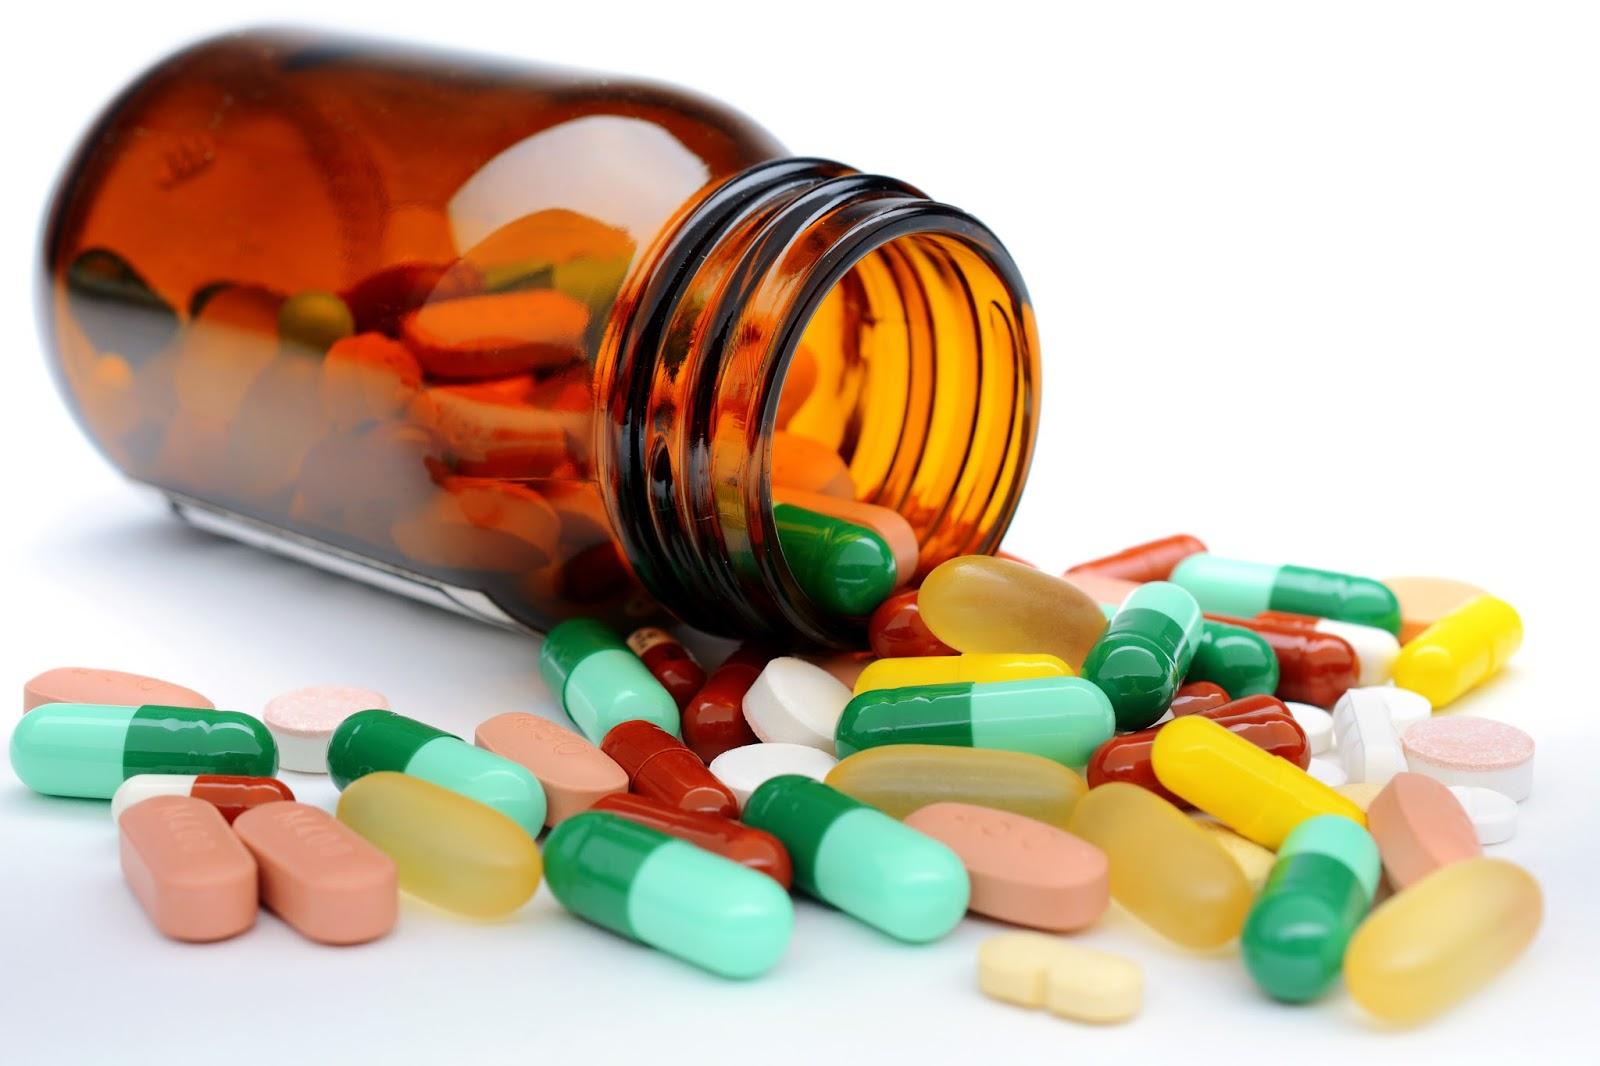 DrépaConseils: Drépanocytose: La Prescription d'un drépanocytaire SS